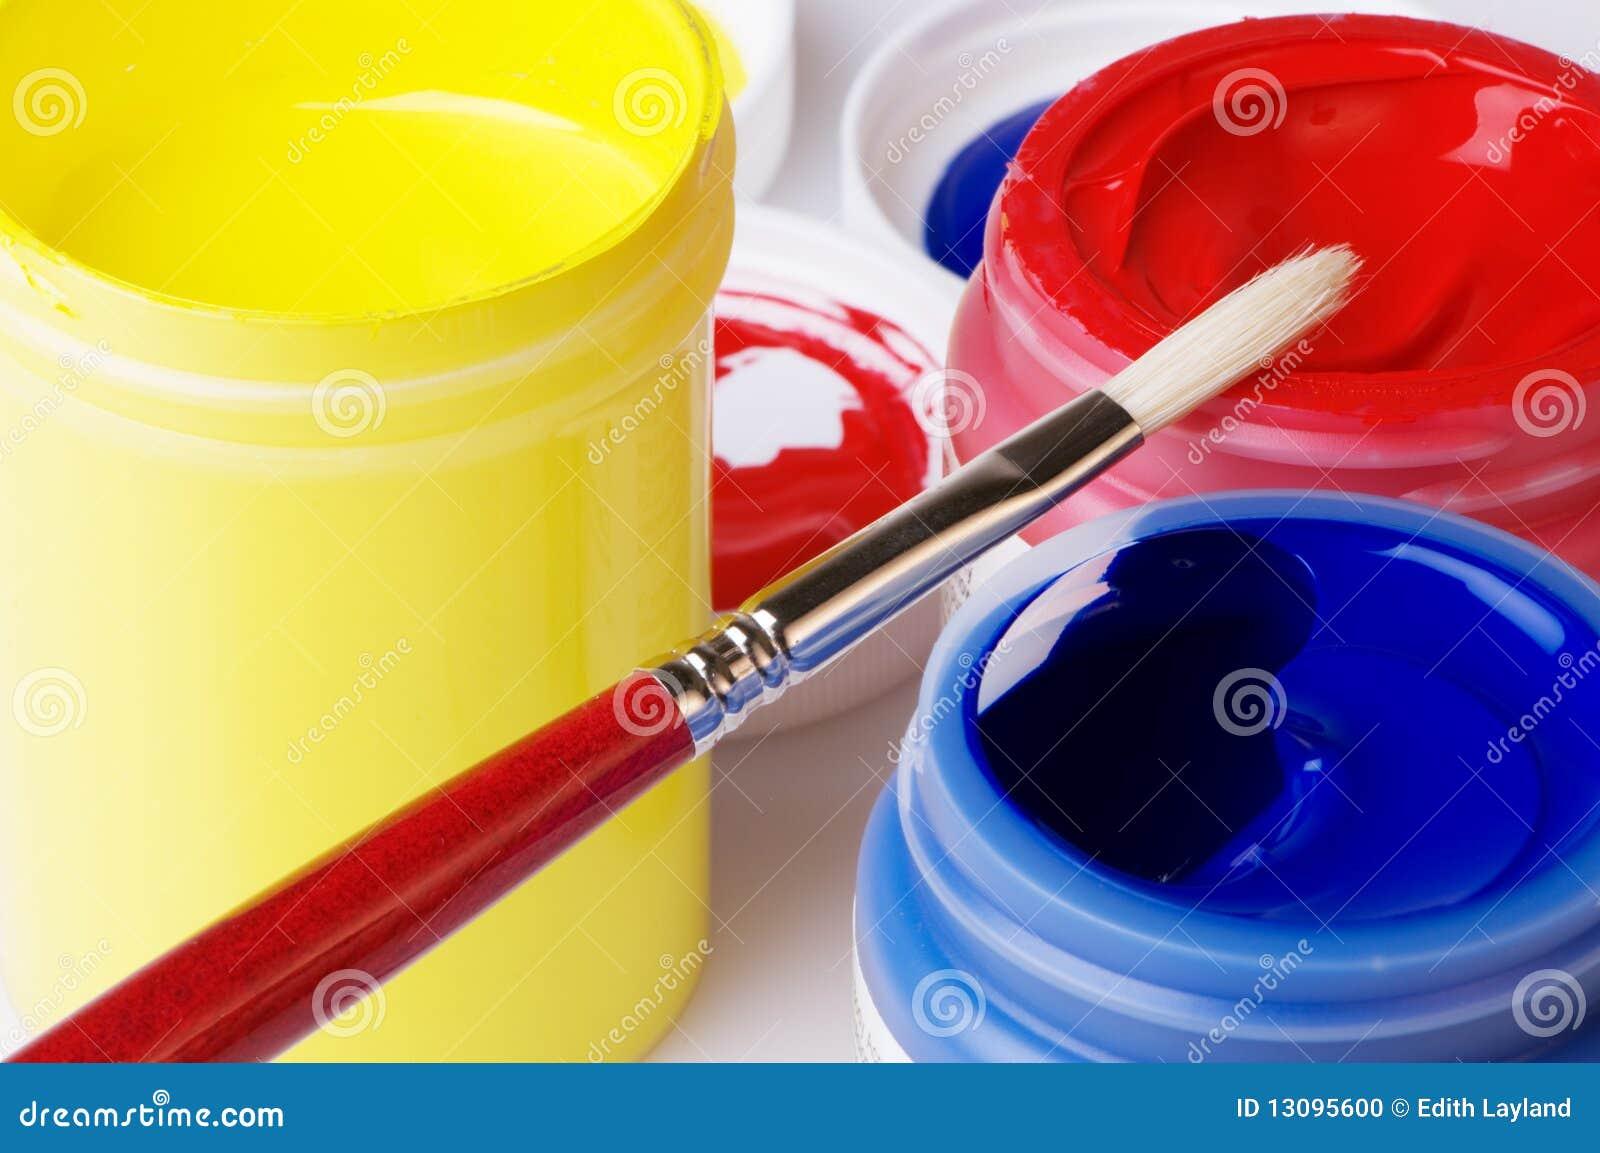 Lino Salle De Bain Saint Maclou : Peinture Acrylique Dartiste De Couleur Primaire Photo stock  Image